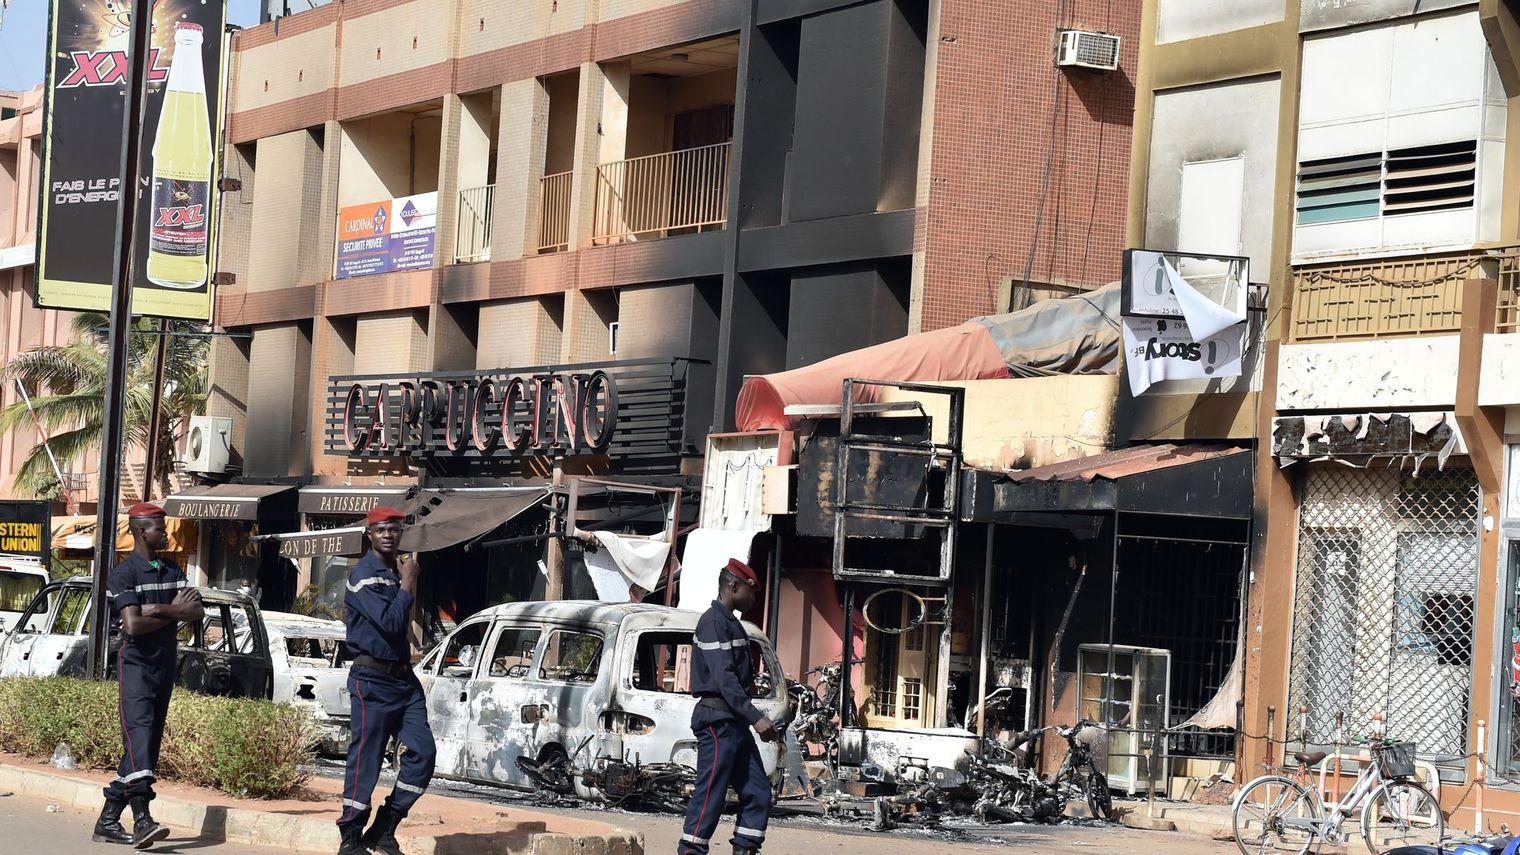 29 morts dans une attaque  jihadiste à Ouagadougou